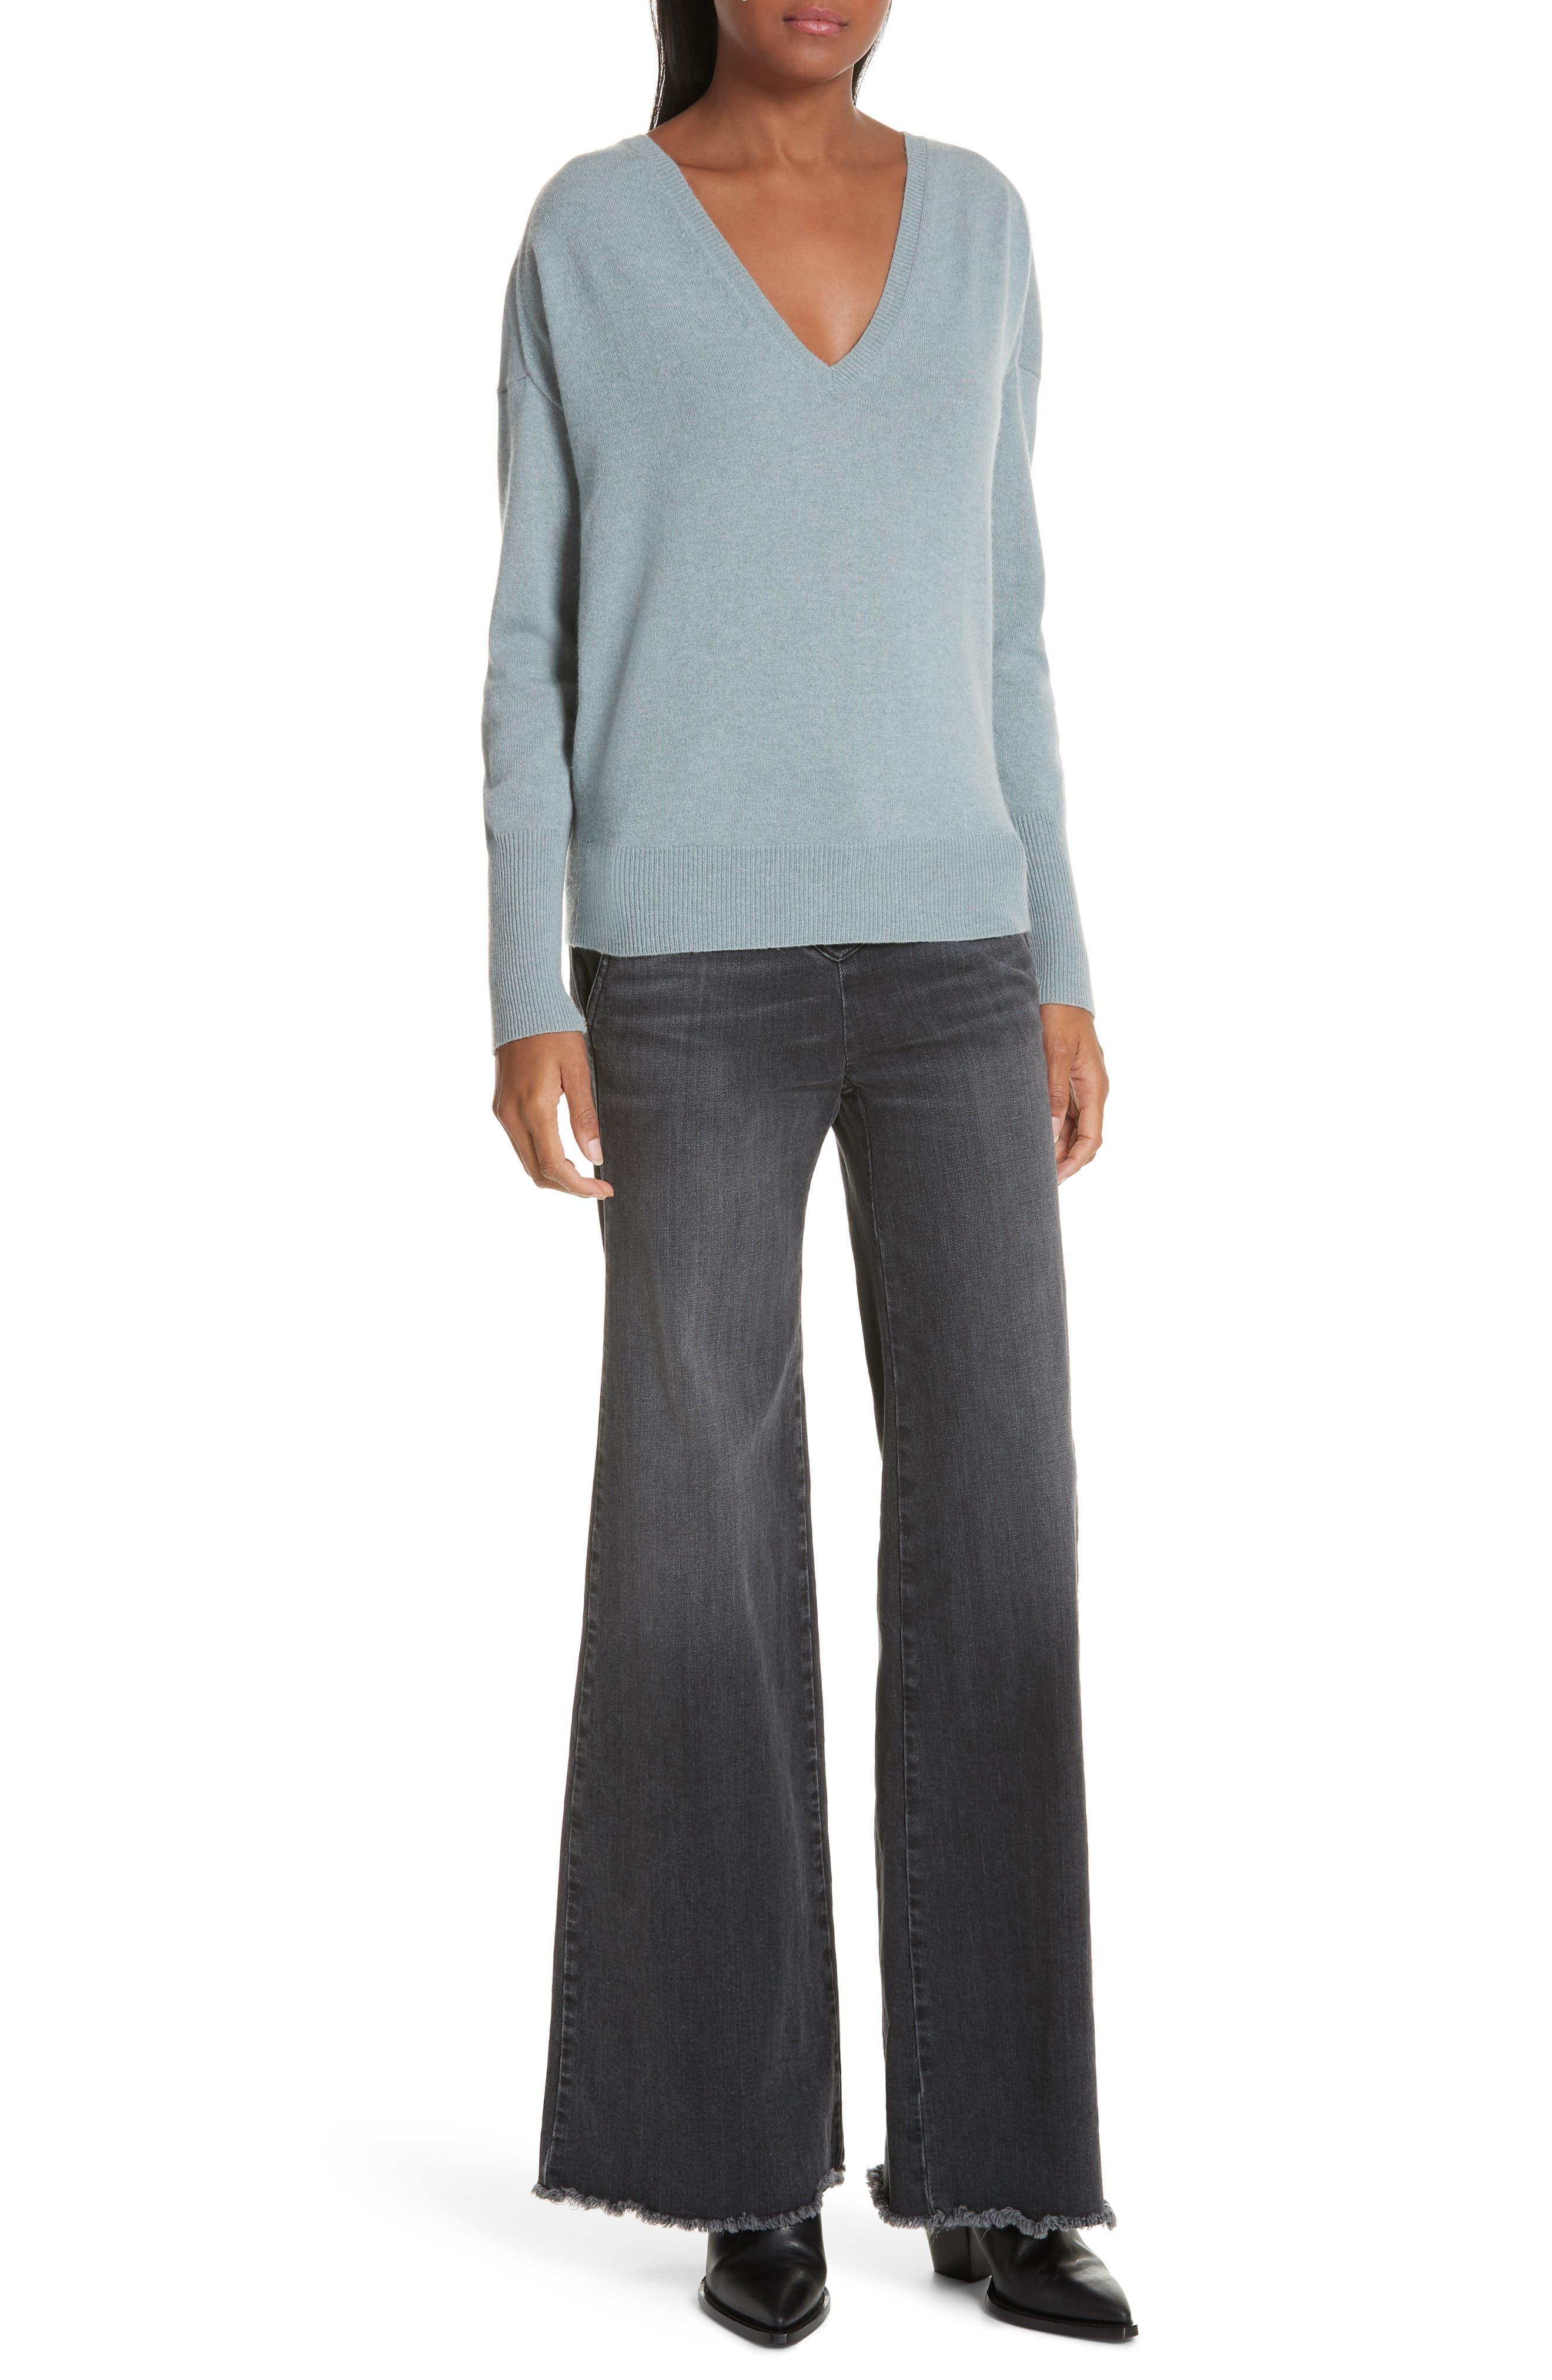 NILI LOTAN, Kylan Cashmere Sweater, Alternate thumbnail 7, color, SKY BLUE